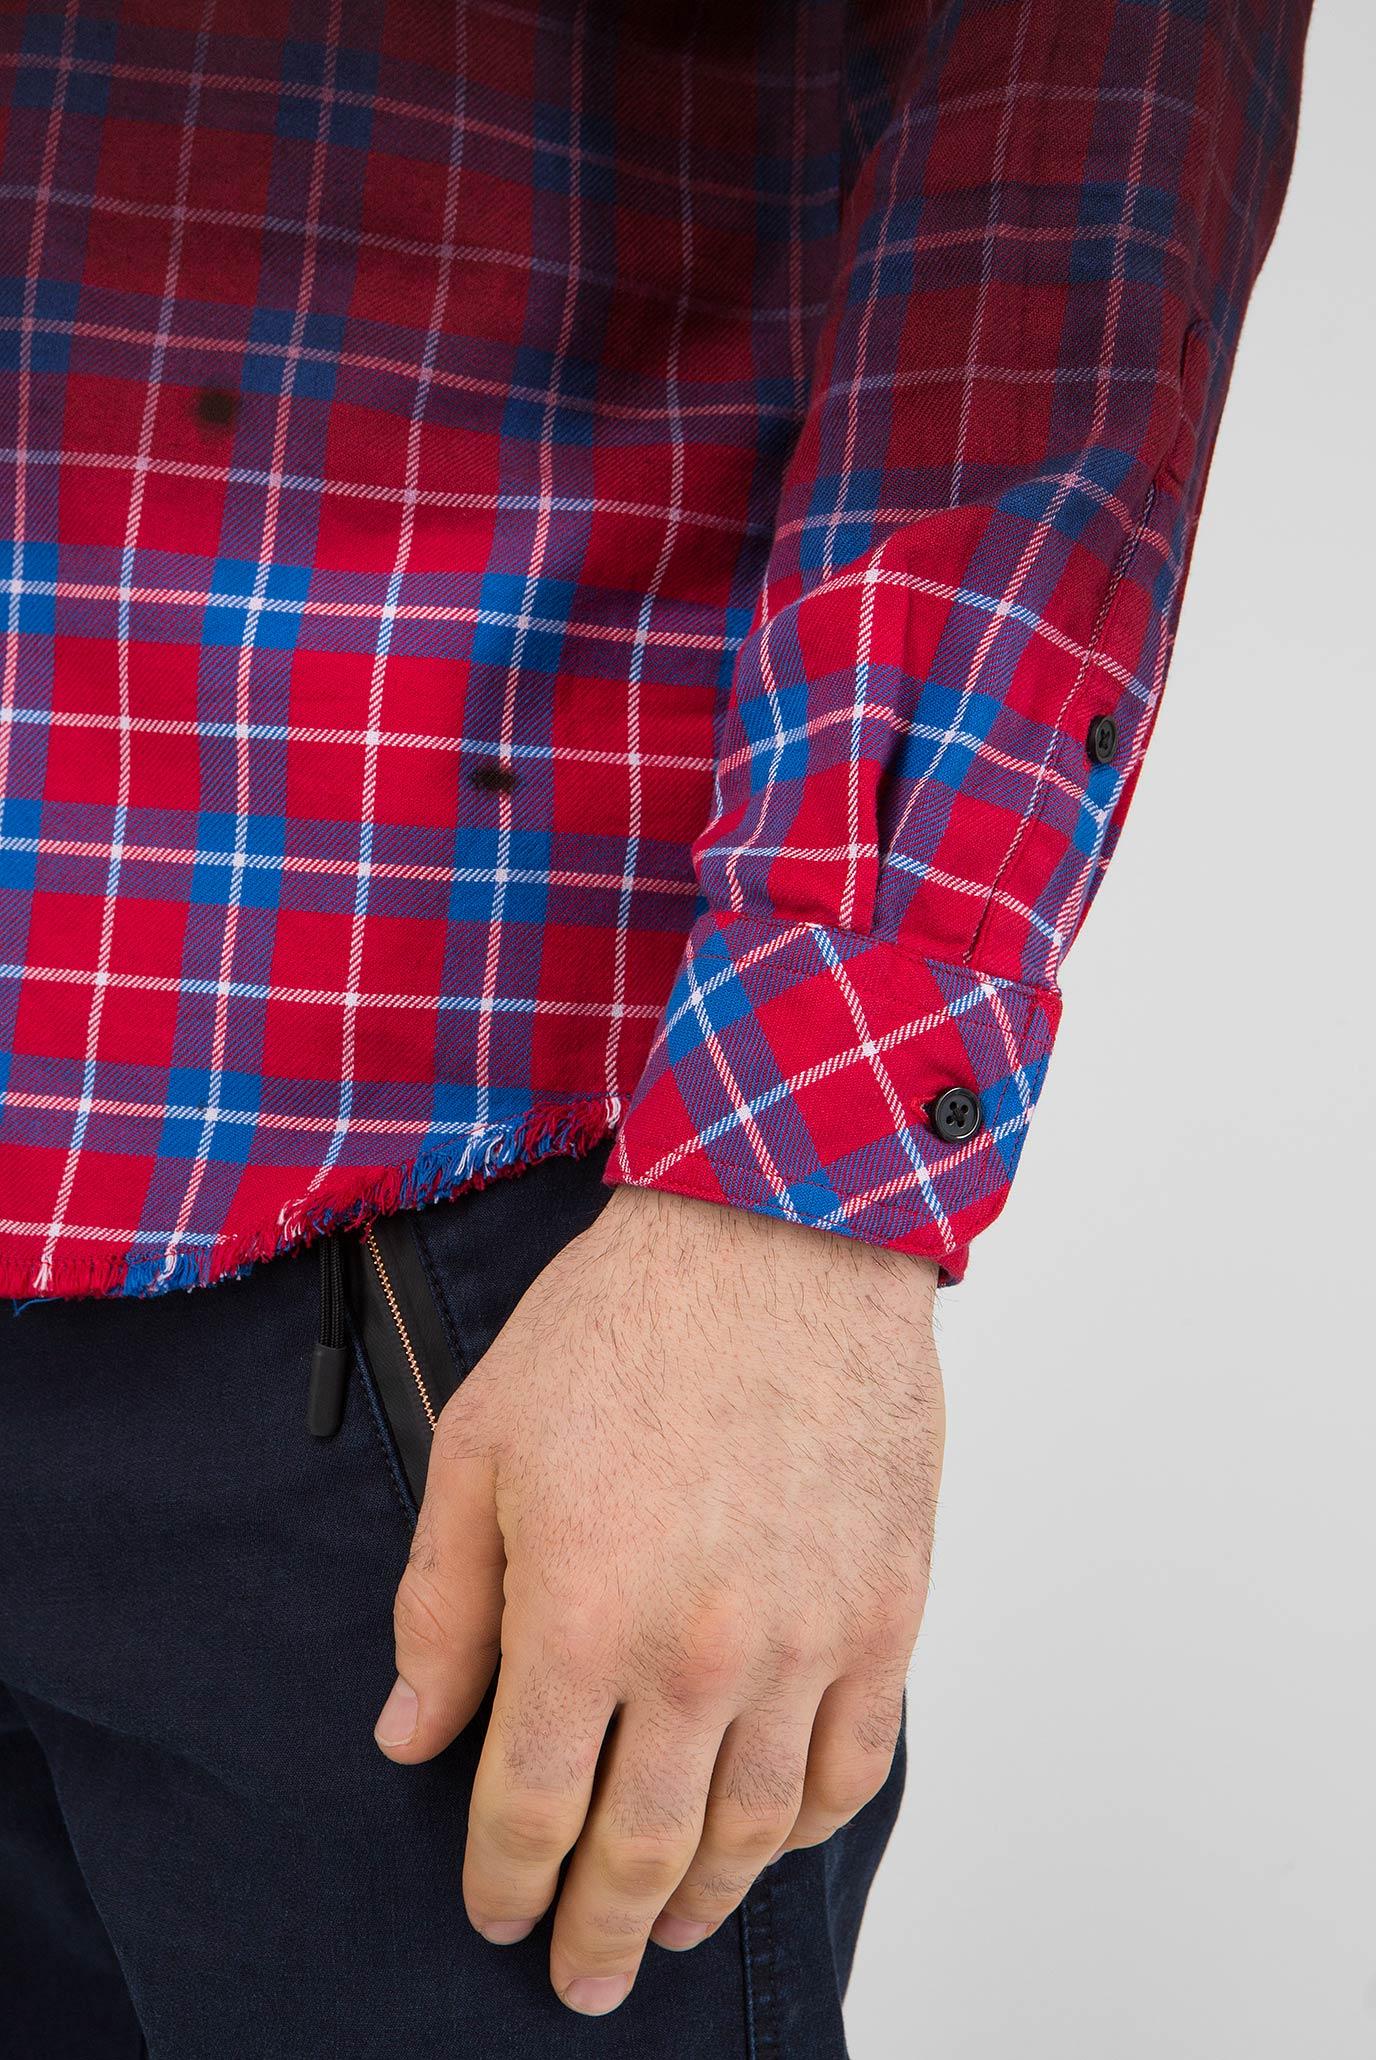 Купить Мужская бордовая рубашка в клетку S-MILLER CAMICIA Diesel Diesel 00SIJ9 0DATY – Киев, Украина. Цены в интернет магазине MD Fashion